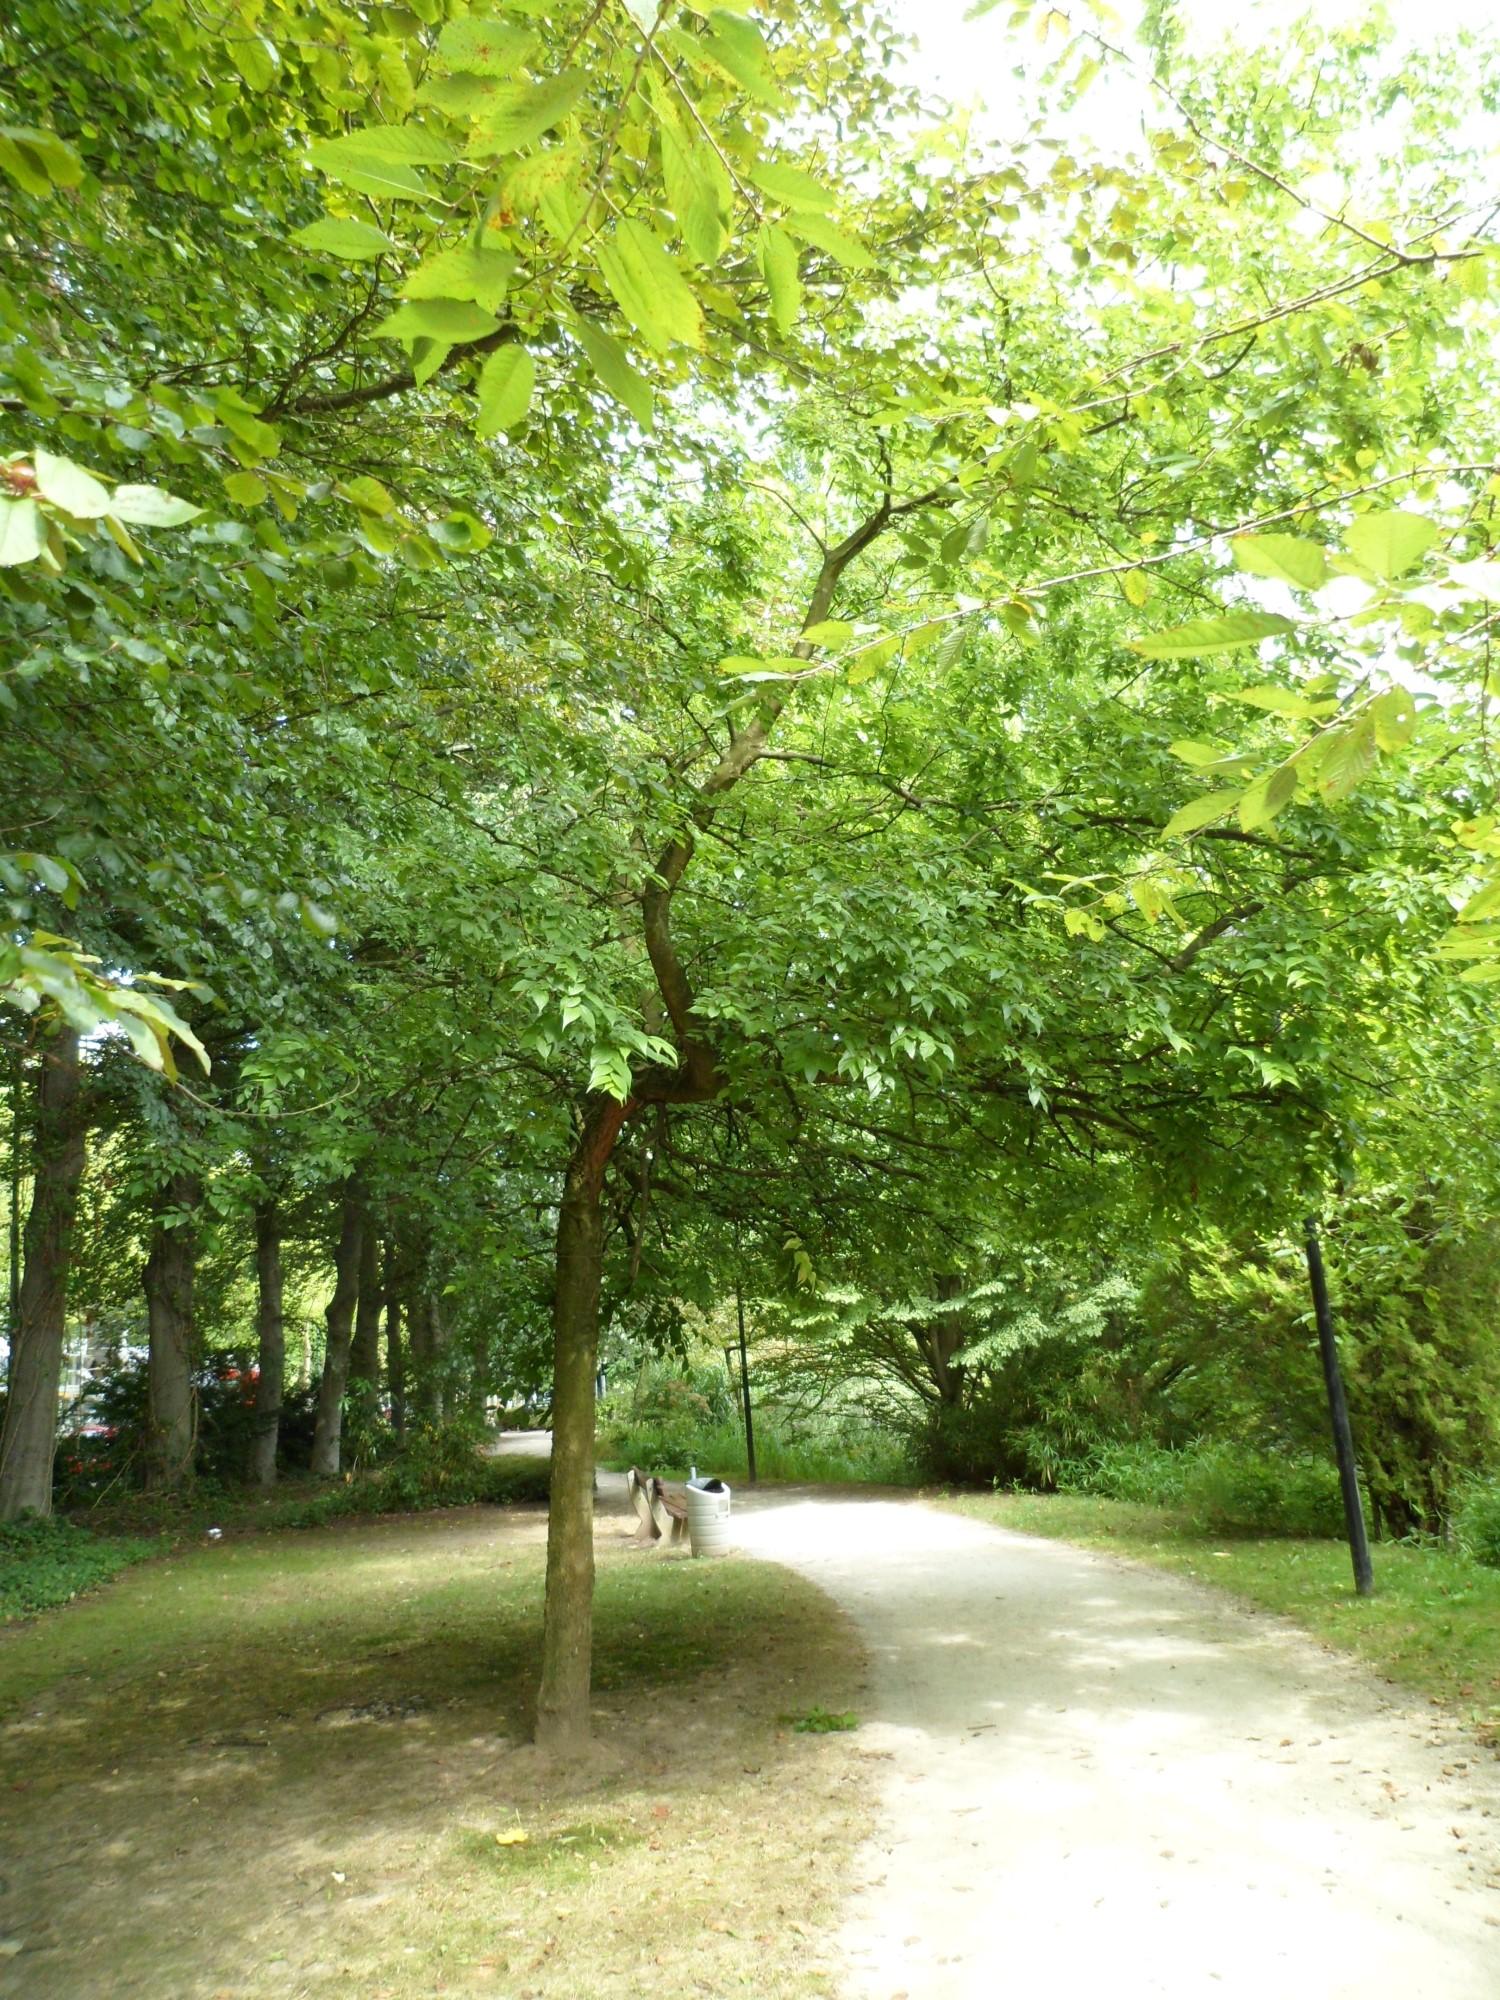 Micocoulier de Méditerranée – Watermael-Boitsfort, Parc de la Royale Belge, Boulevard du Souverain, 23 –  10 Septembre 2012